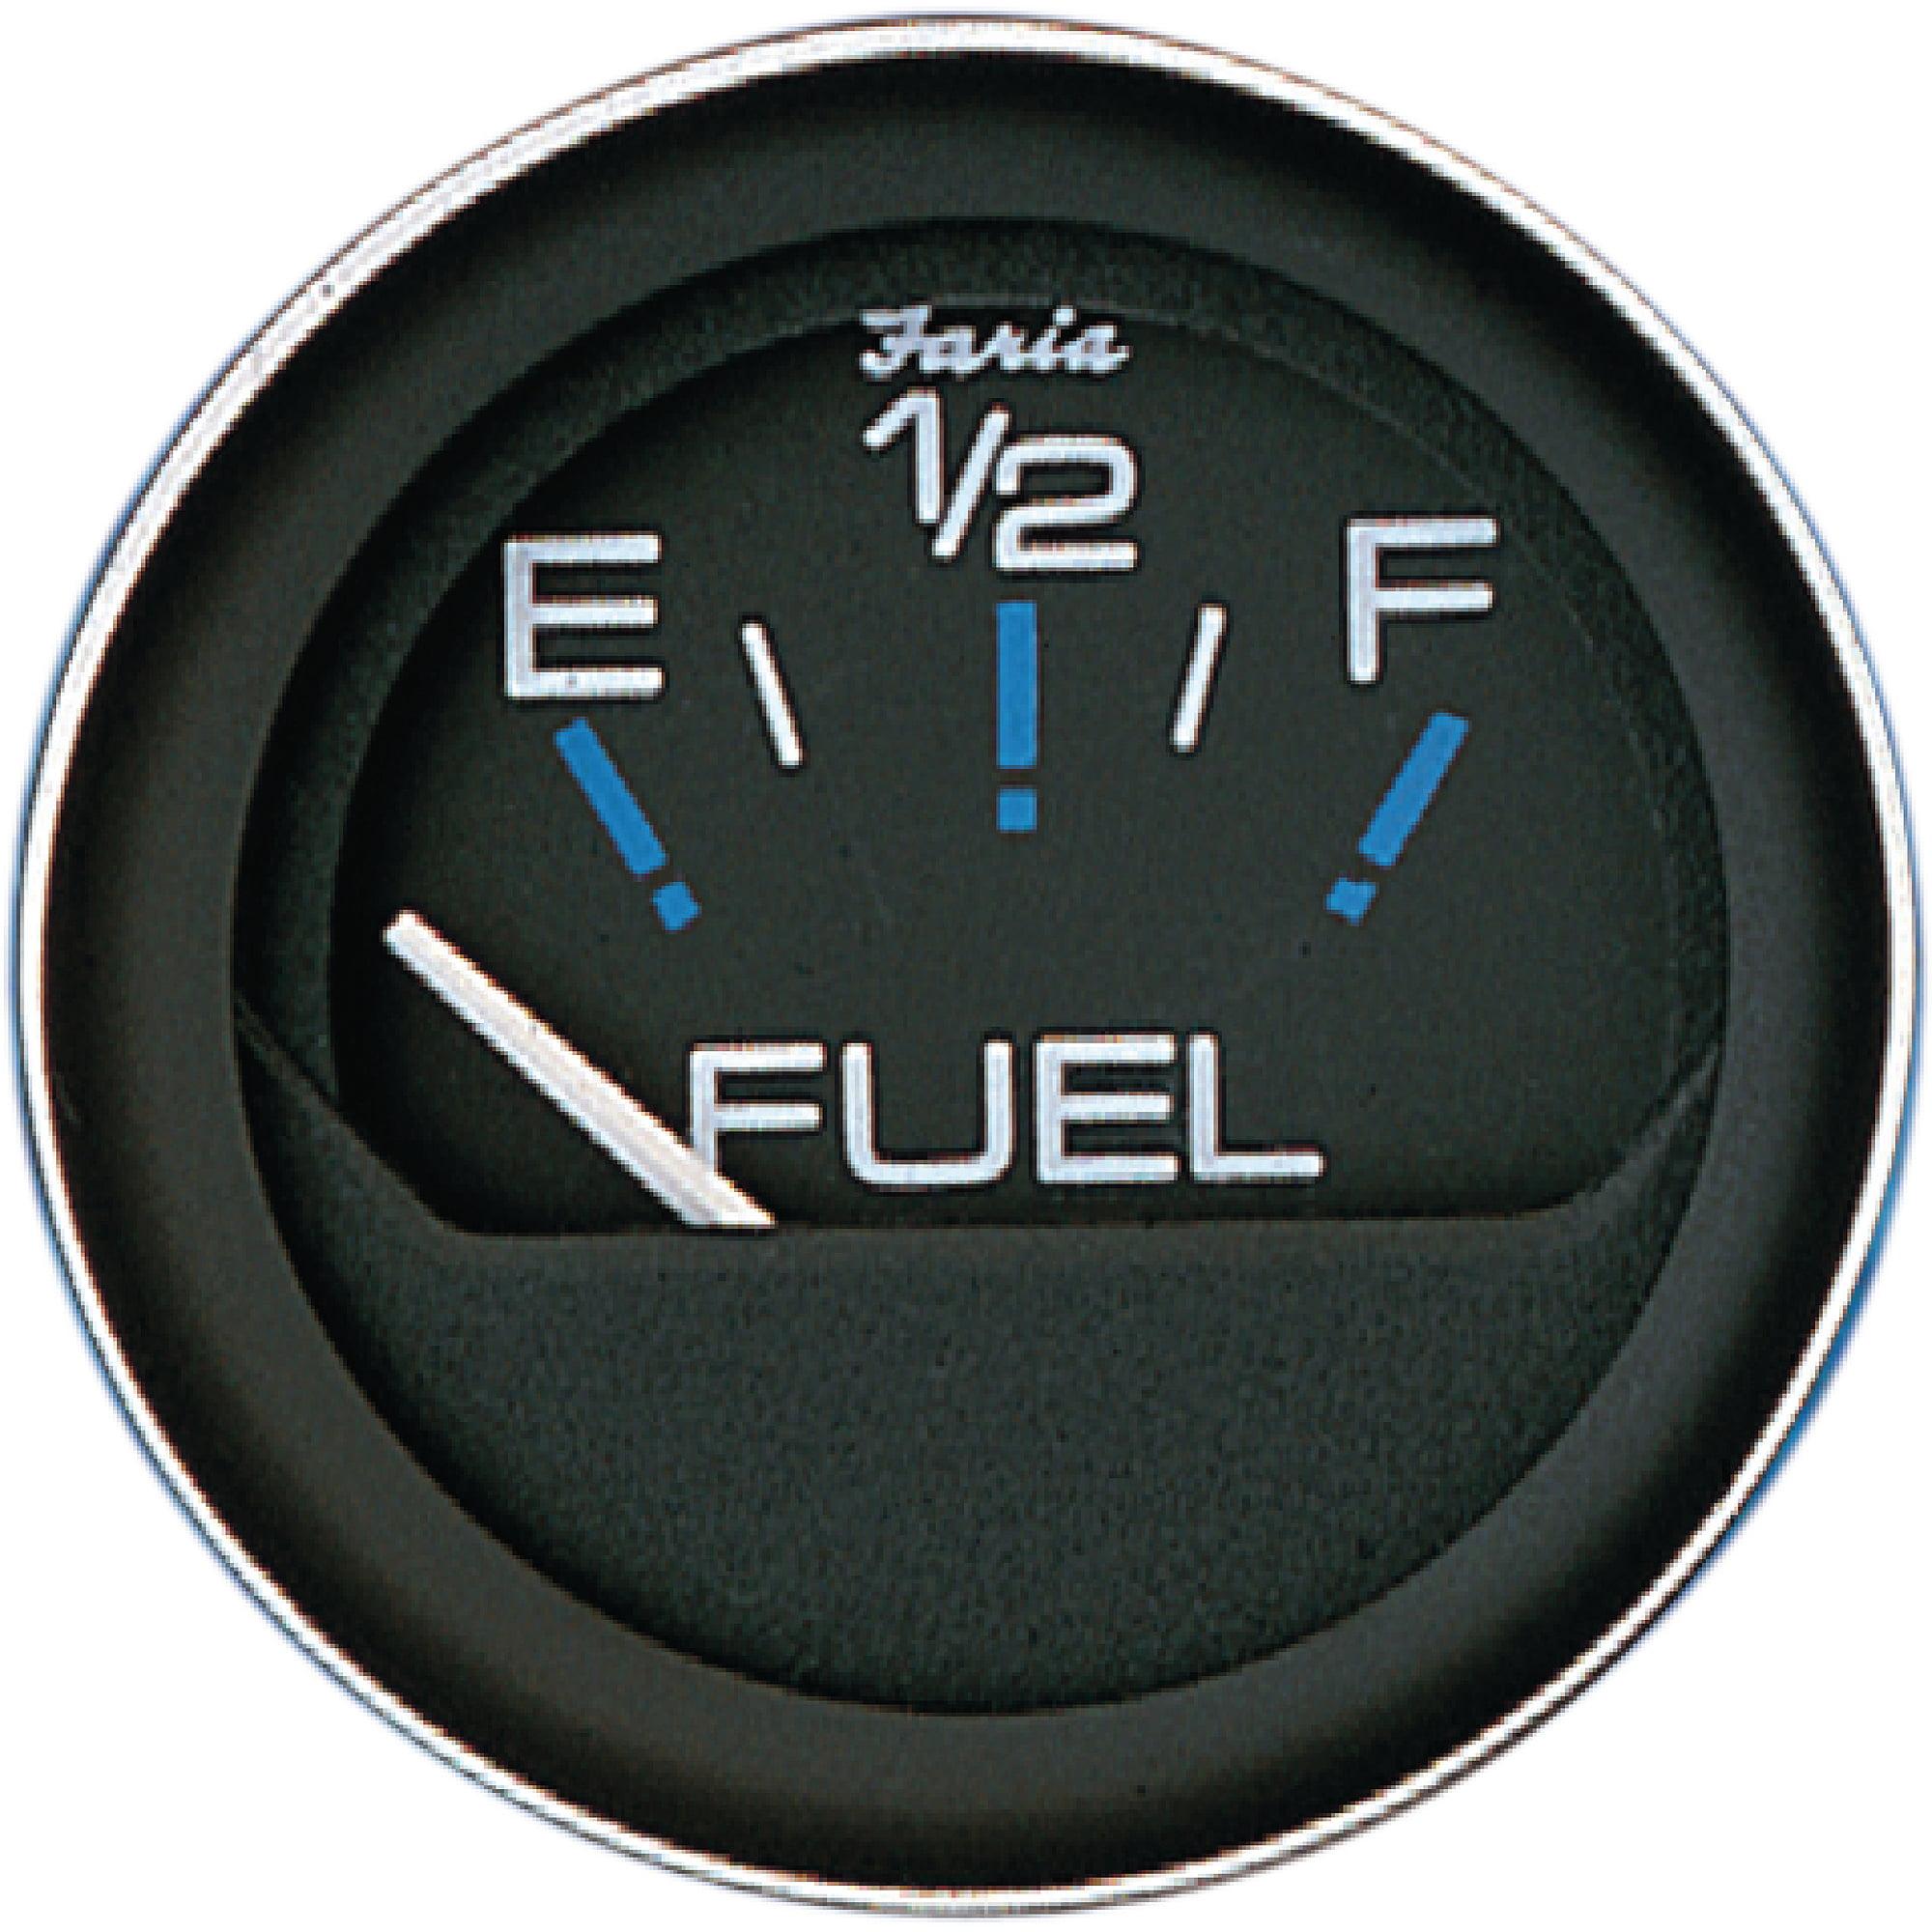 """Faria Coral Black 2"""" Fuel Level Gauge, E-1/2-F"""